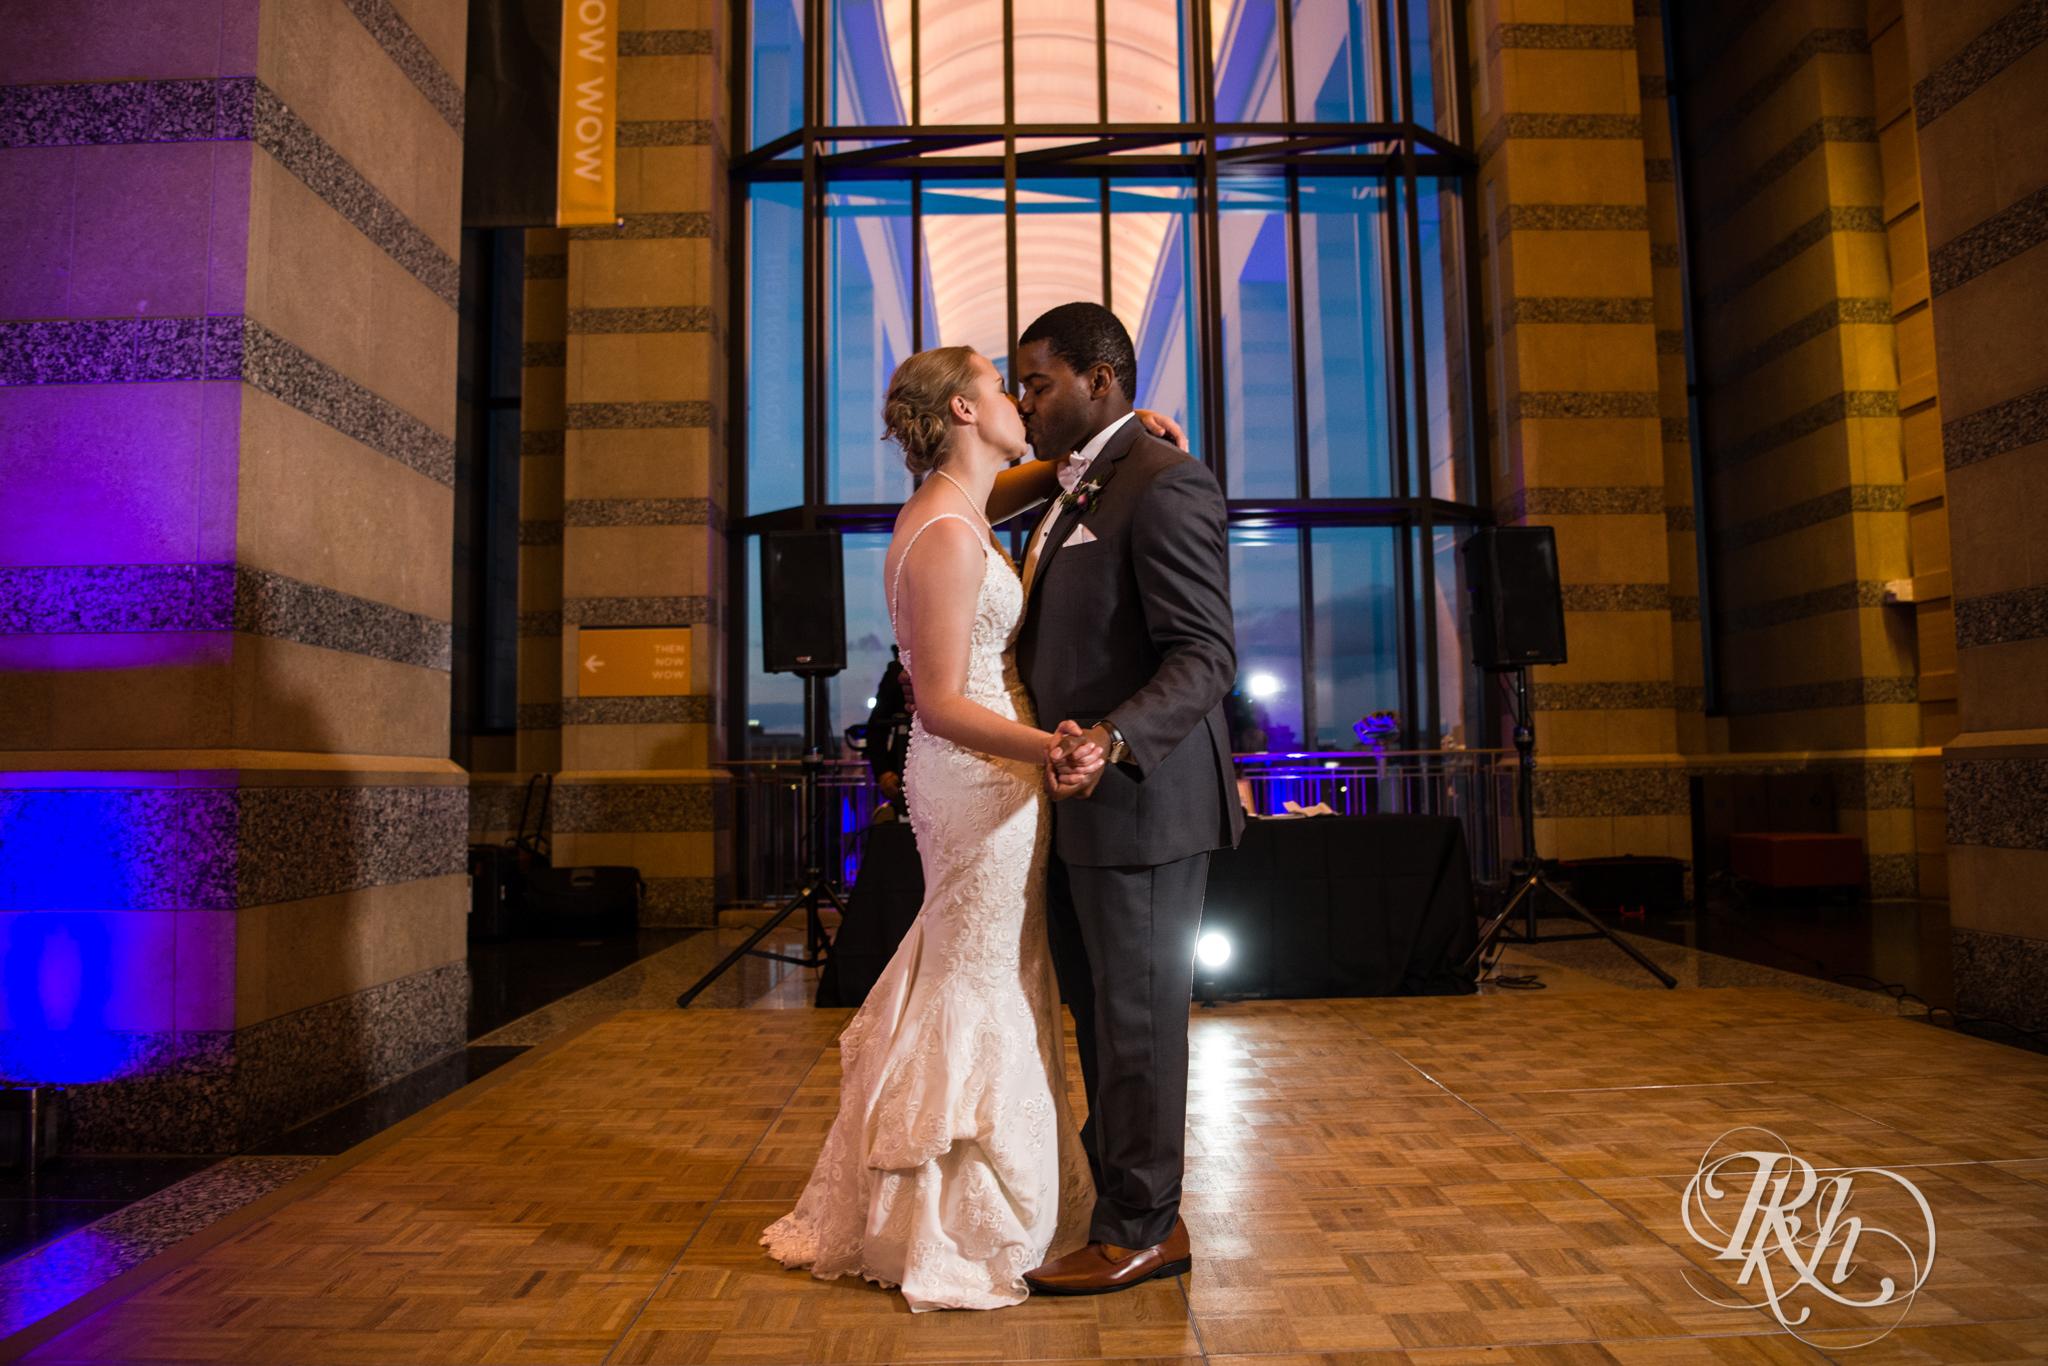 Laura and Adekunle - Minnesota Wedding Photographer - Minnesota History Center - RKH Images - Blog (71 of 75).jpg